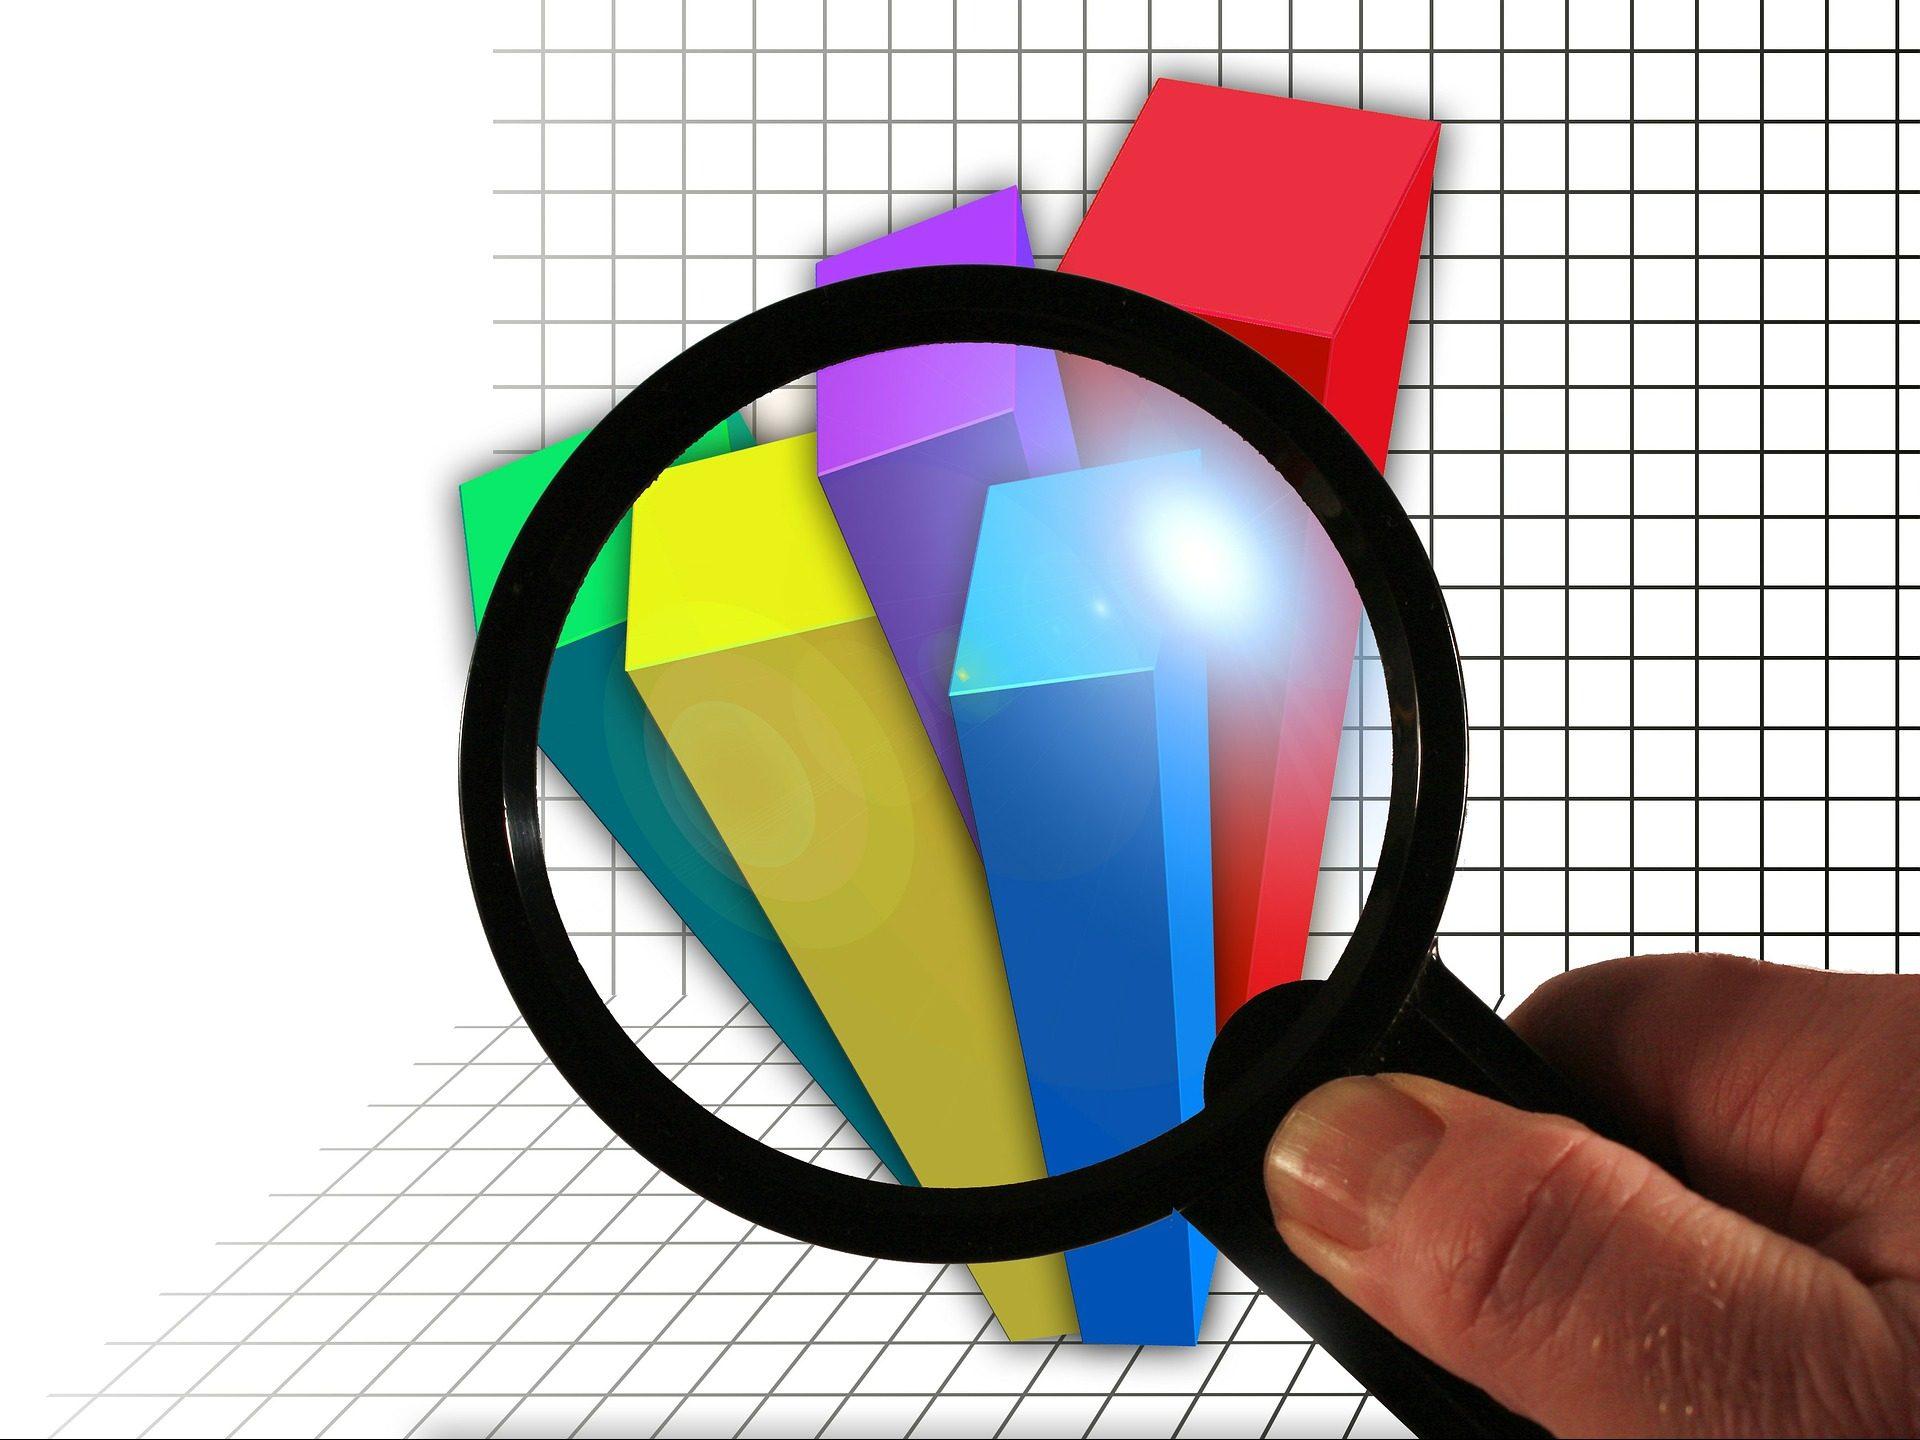 第8話|営業データ分析の事始めは、「見える化」で失敗し「指標作り」で成功する